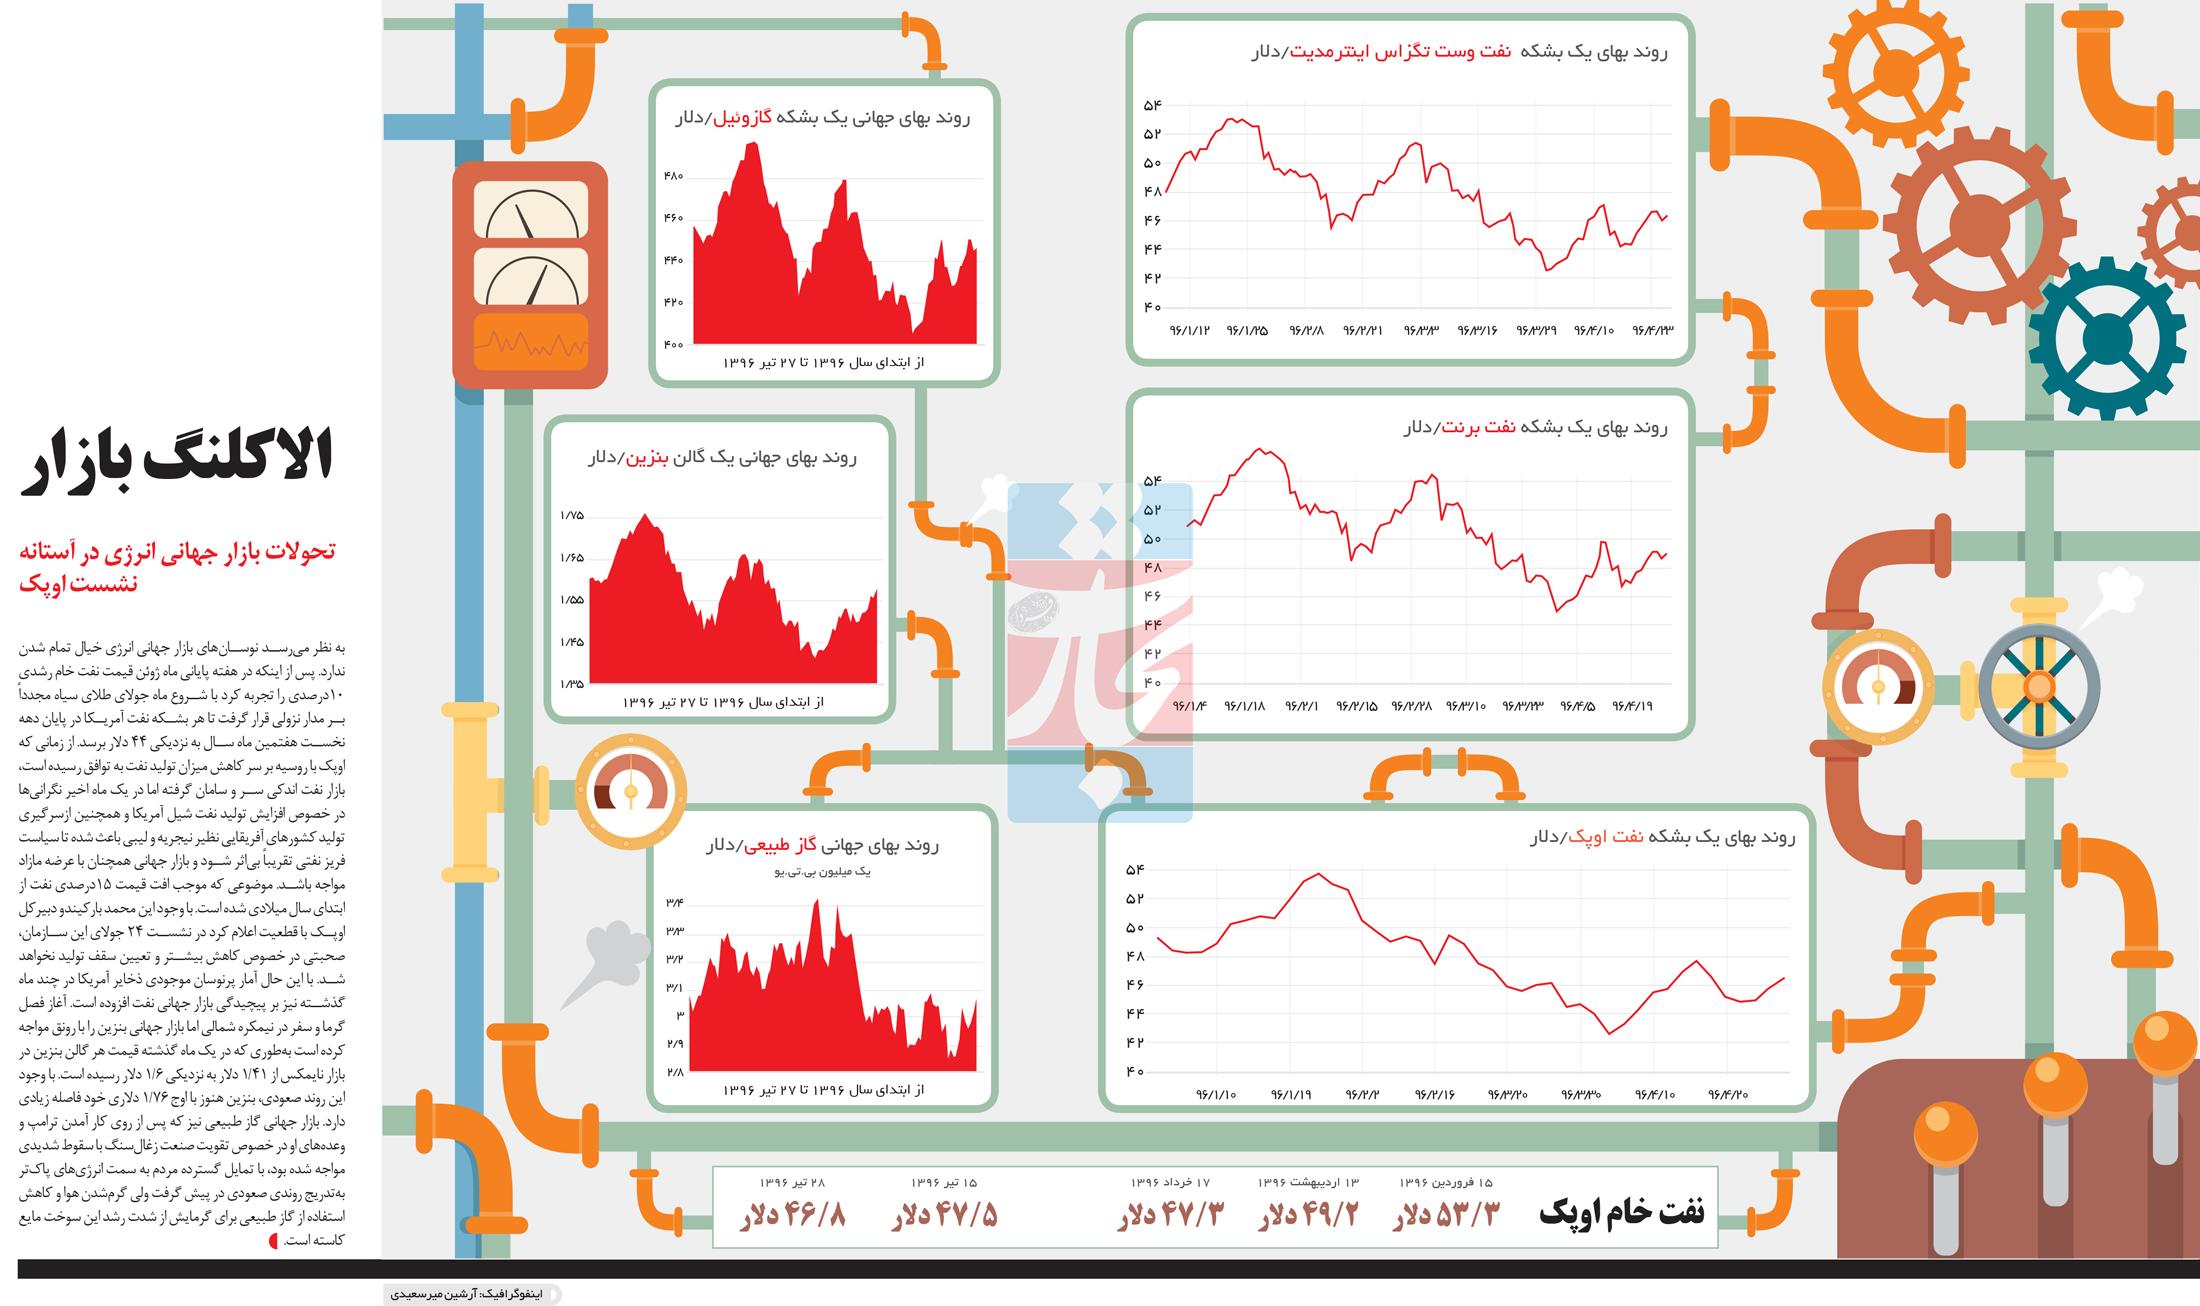 تجارت- فردا- الاکلنگ بازار(اینفوگرافیک)